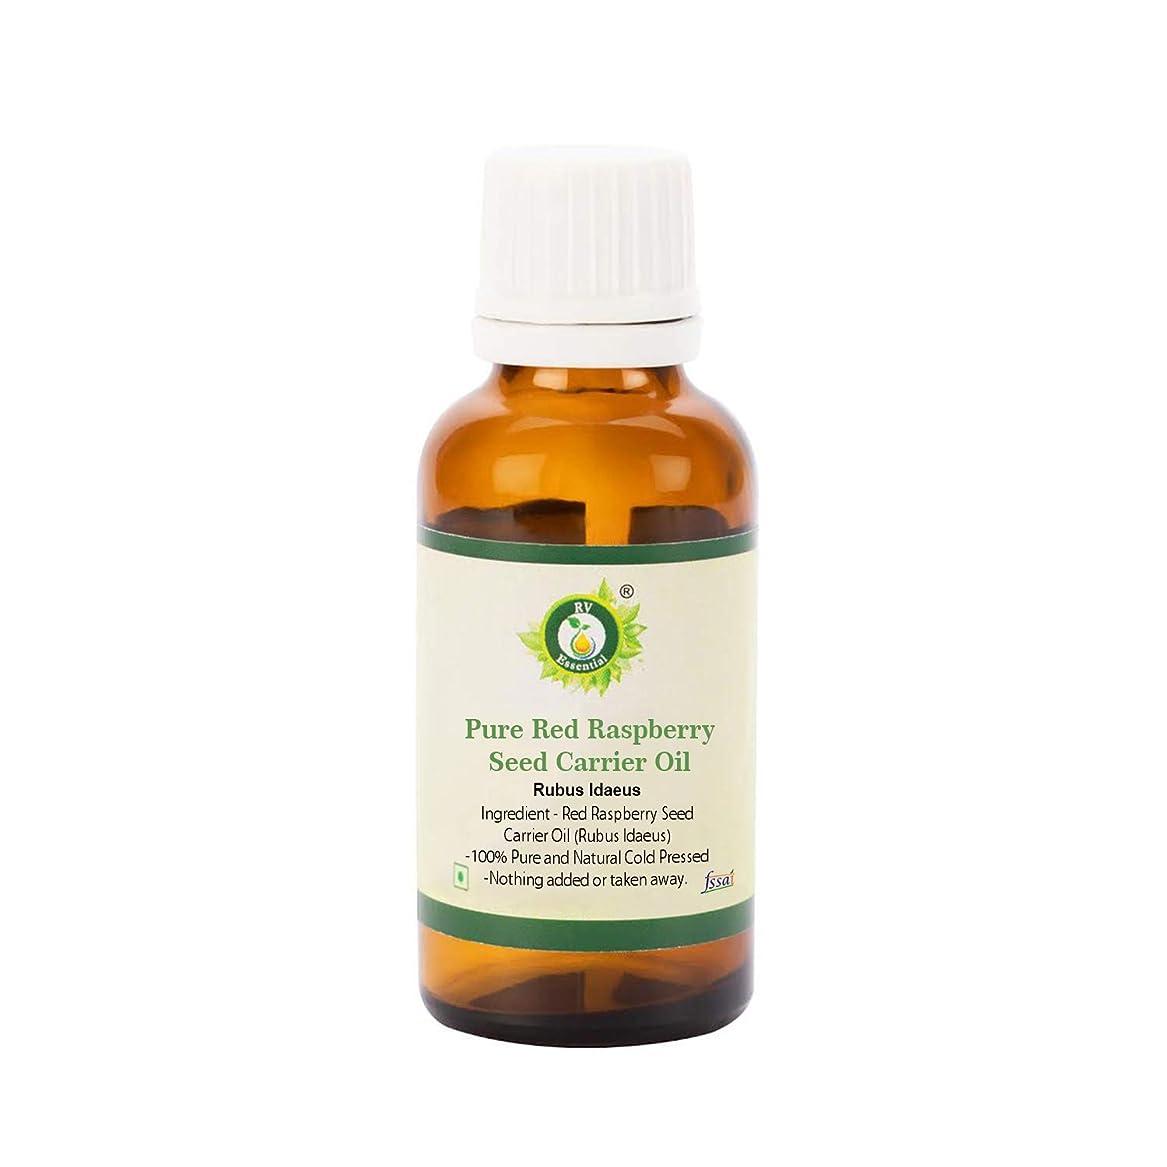 ファイバ失礼風が強いR V Essential ピュアレッドラズベリーシードキャリヤーオイル50ml (1.69oz)- Rubus Idaeus (100%ピュア&ナチュラルコールドPressed) Pure Red Raspberry Seed Carrier Oil